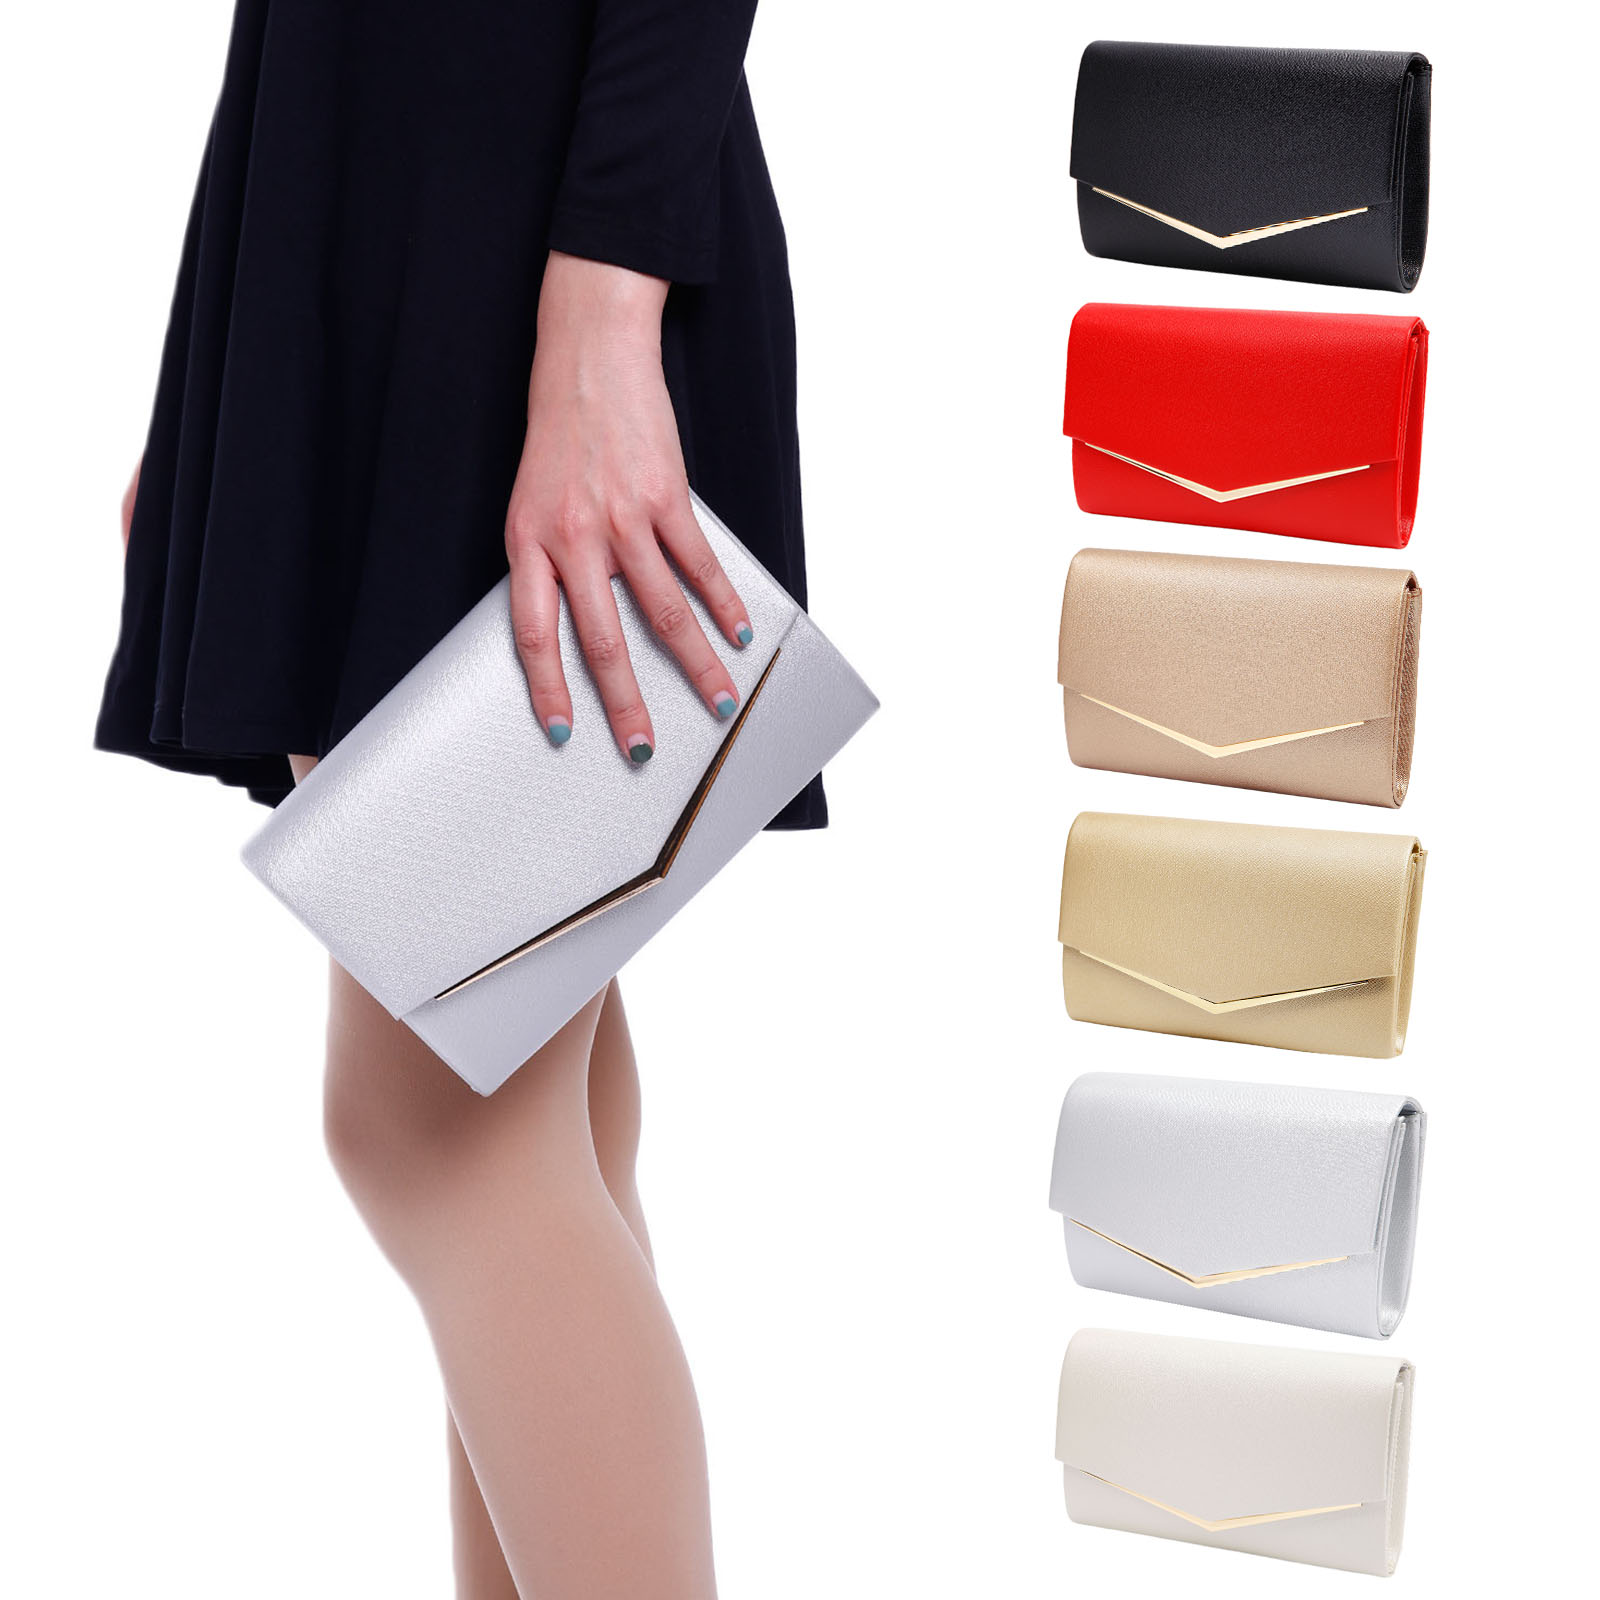 Women Paris Patent Leather Envelope Ladies Evening Party Prom Smart Clutch Bag